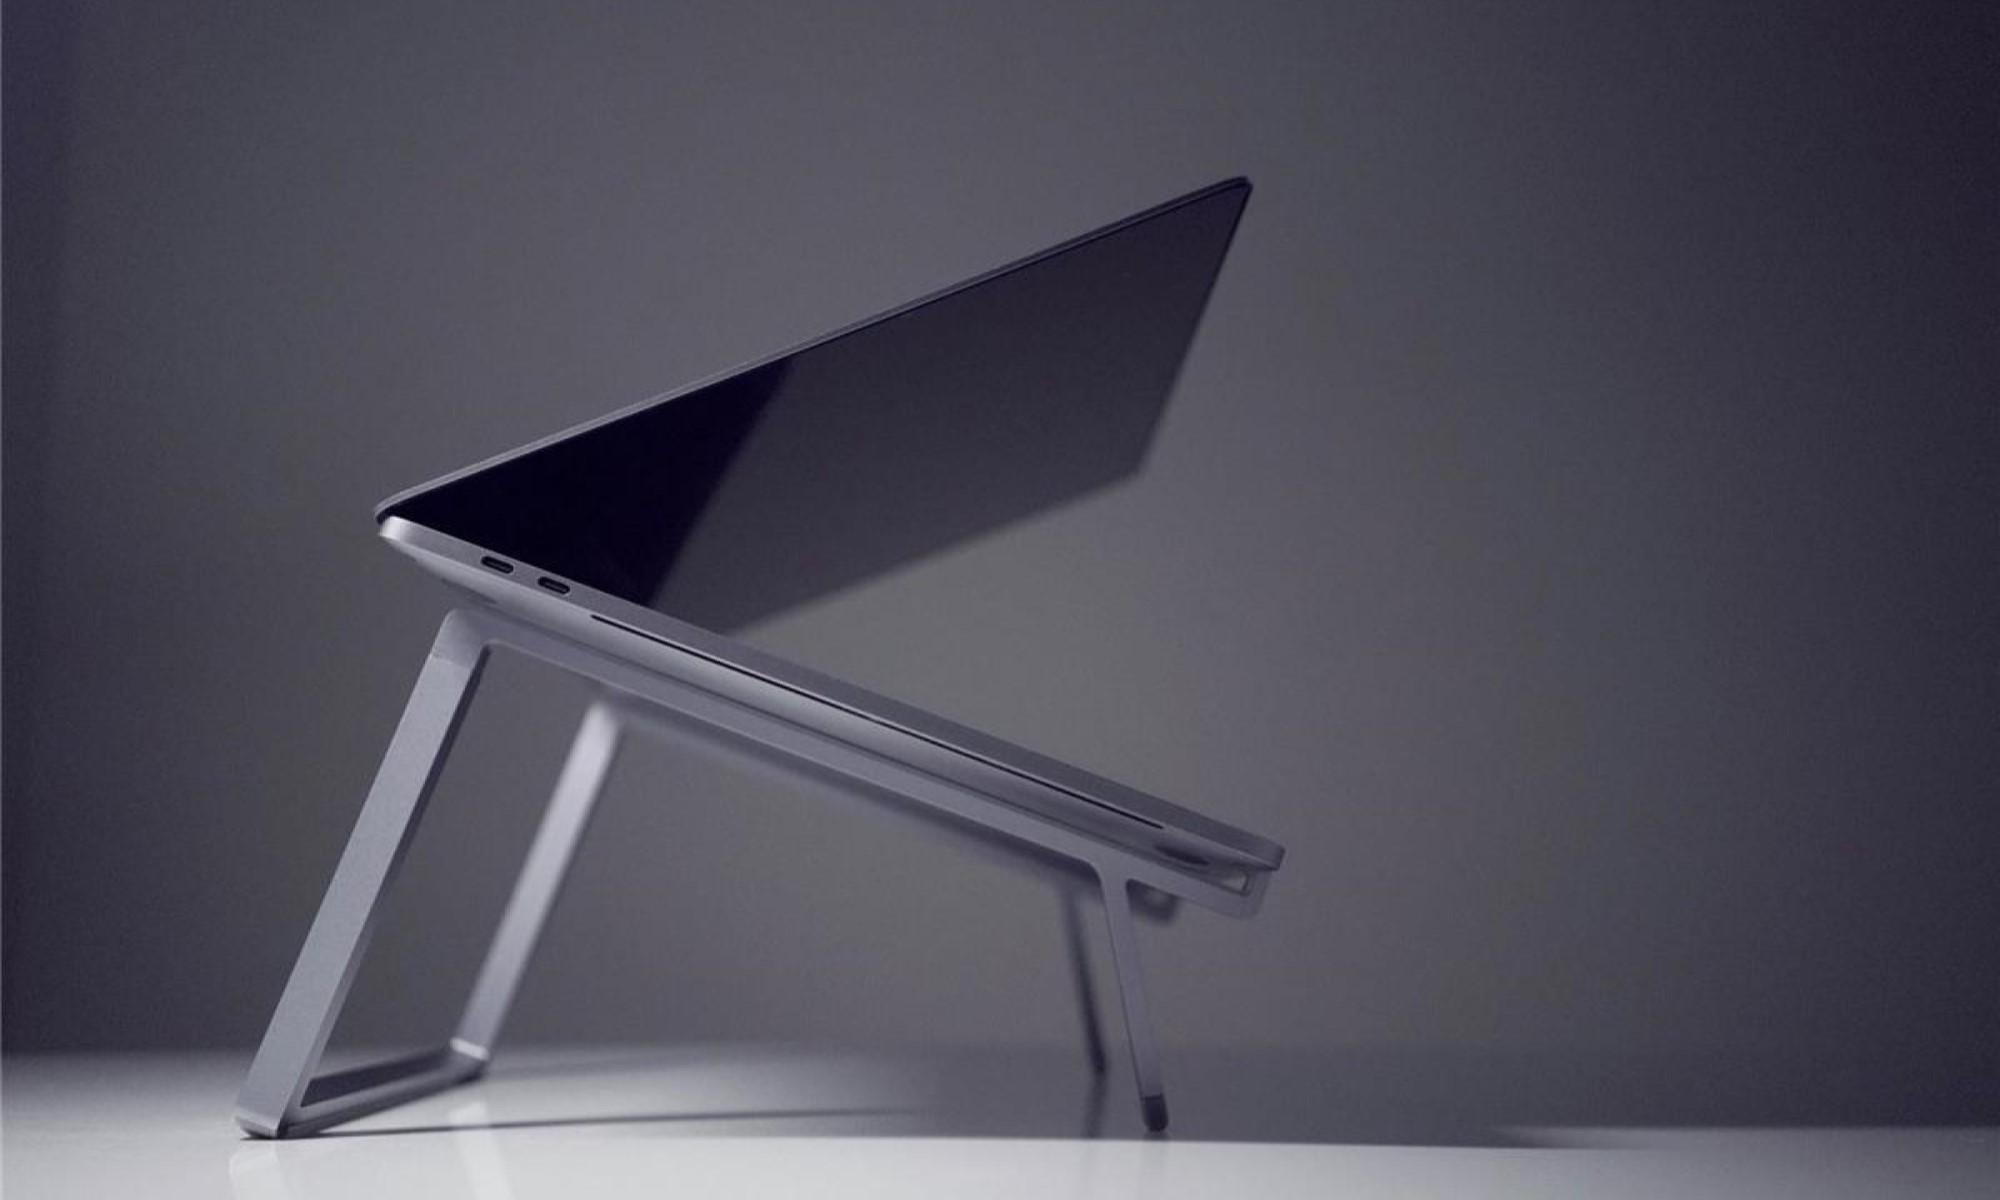 Suport Rain Design mBar pro+, Silver, pentru pentru Apple MacBook Pro Retina Touch Bar, portabil, pliabil